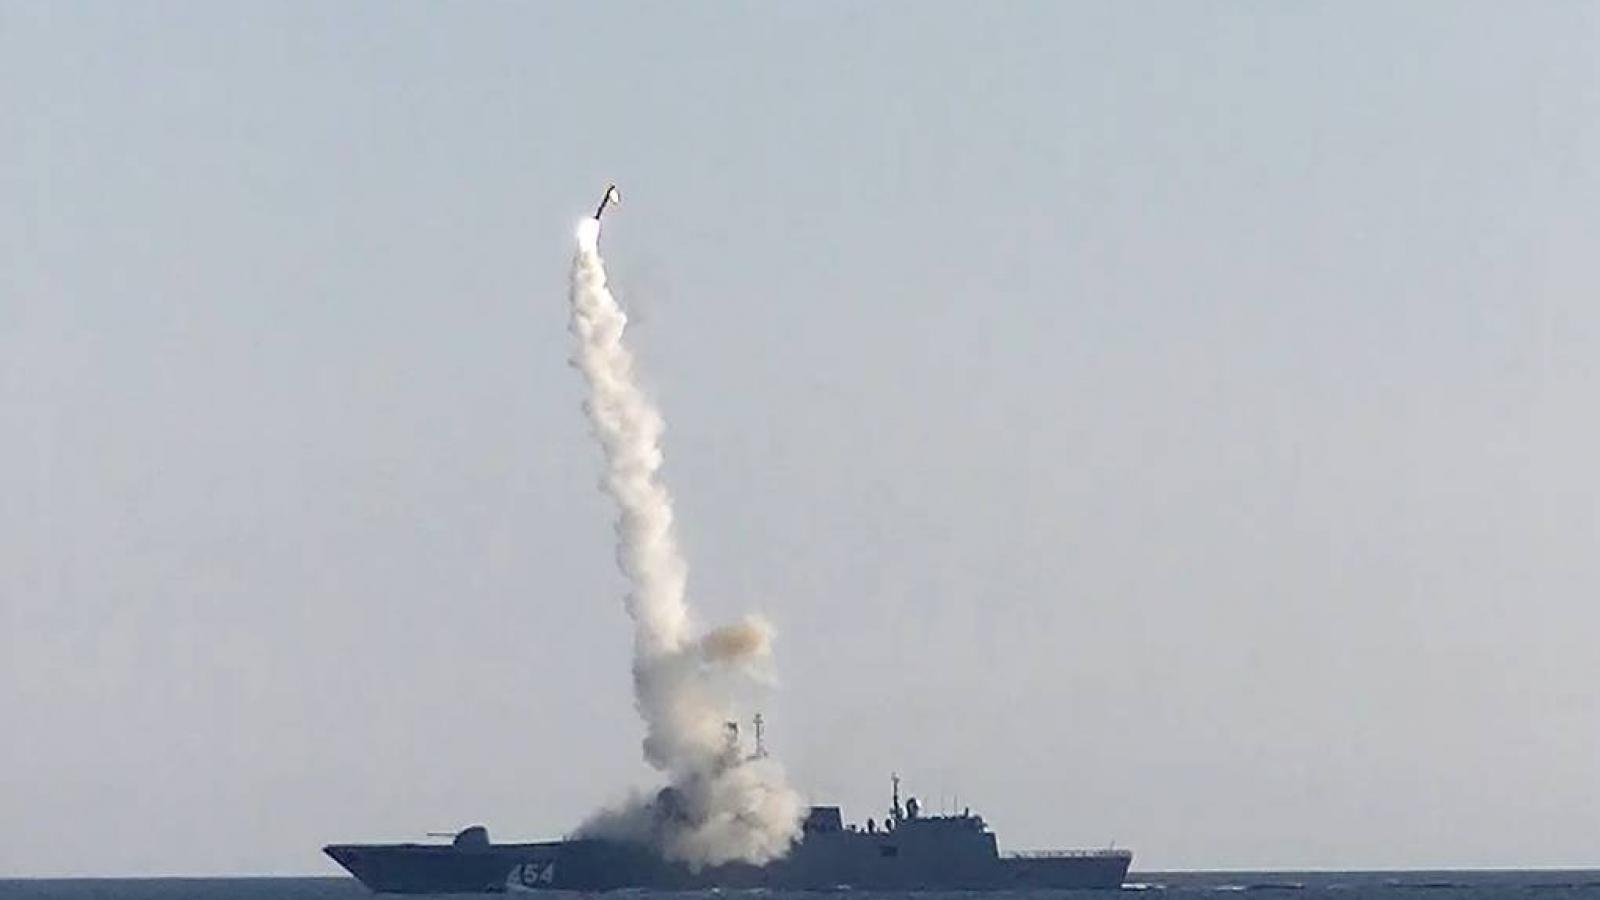 Khinh hạm Đô đốc Gorshkov phóng tên lửa Zircon trúng mục tiêu cách 350km